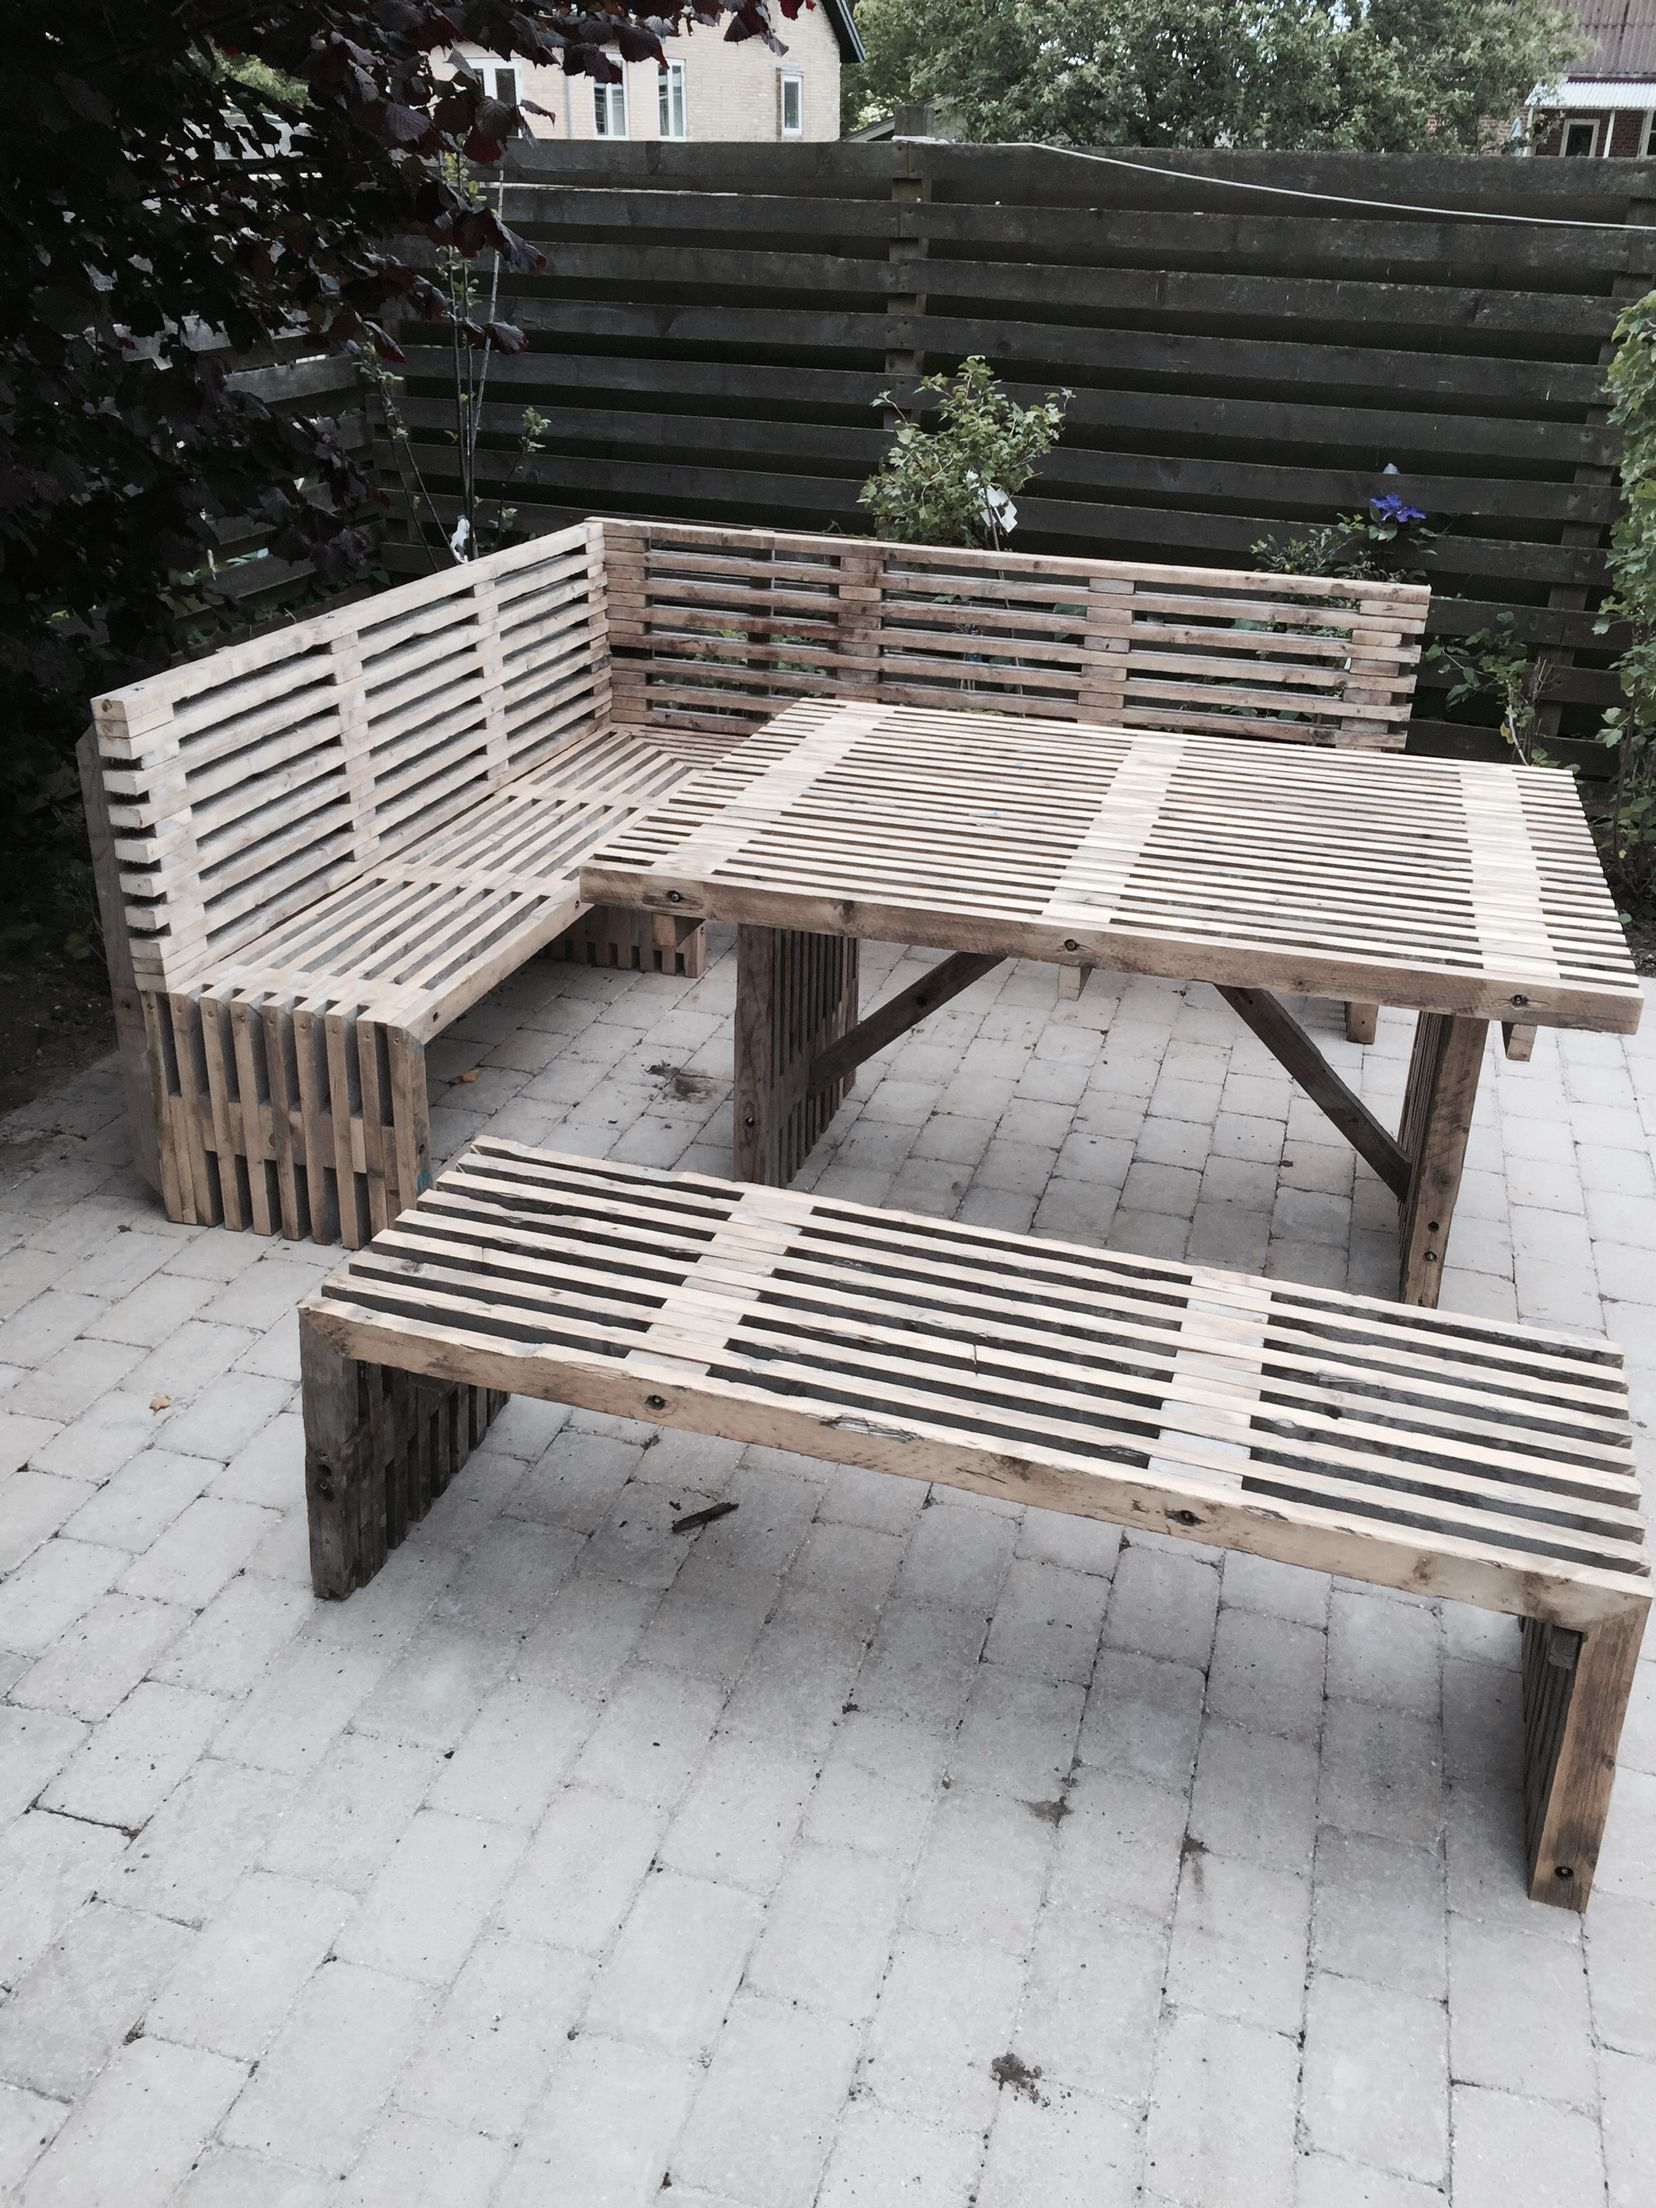 Dk Möbel wir produzieren diese möbel nach kundenwunsch in verschiedene länge